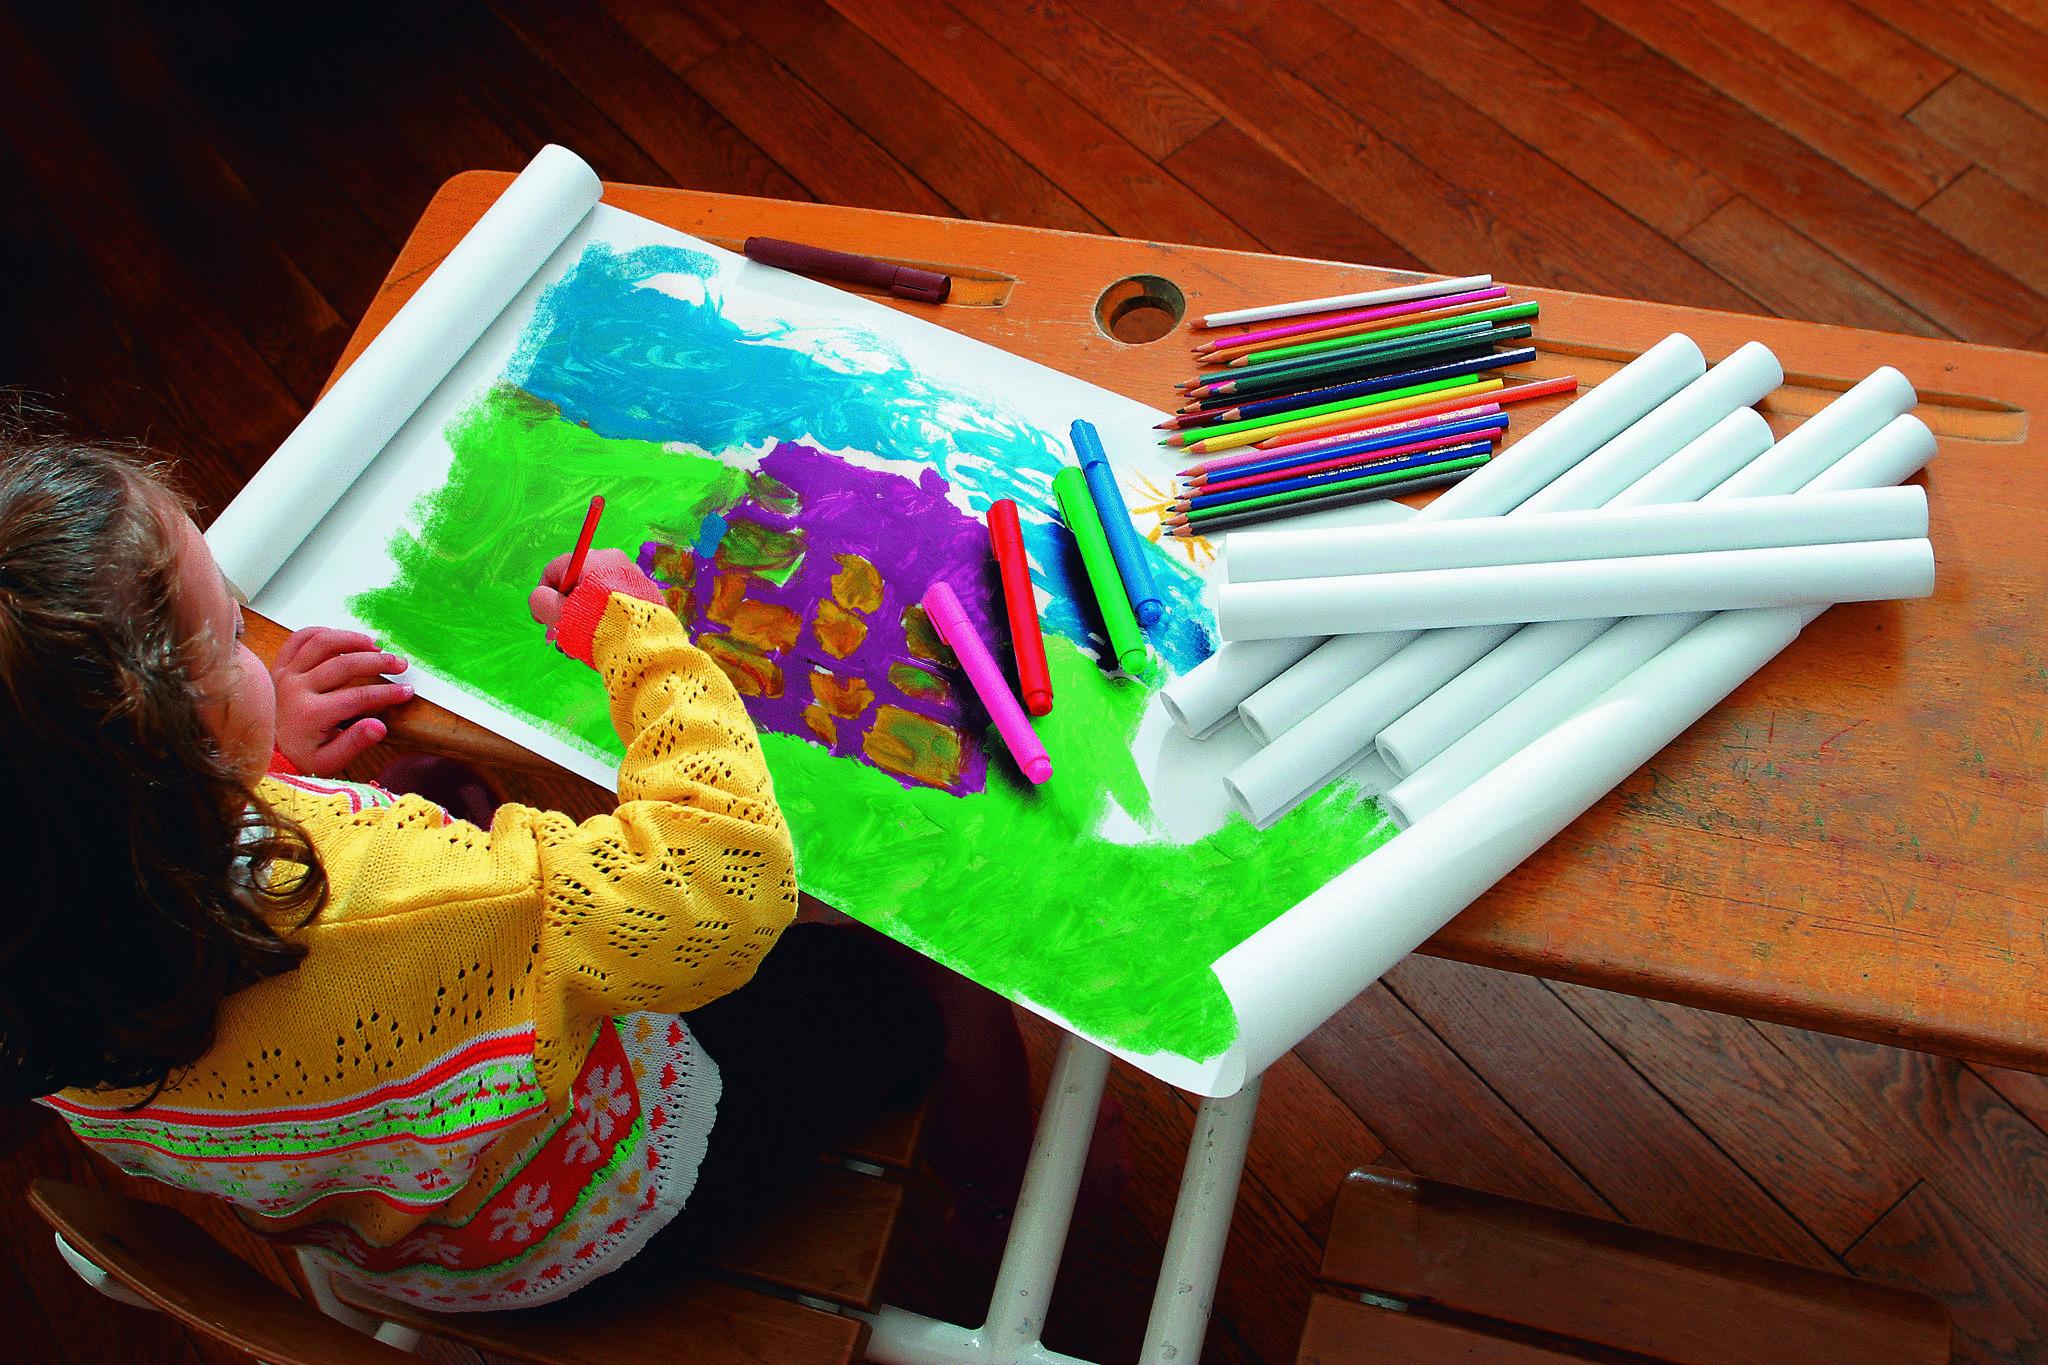 a79d11b32ed51d Les bienfaits des loisirs créatifs pour nos enfants - Le Blog 1001 ...